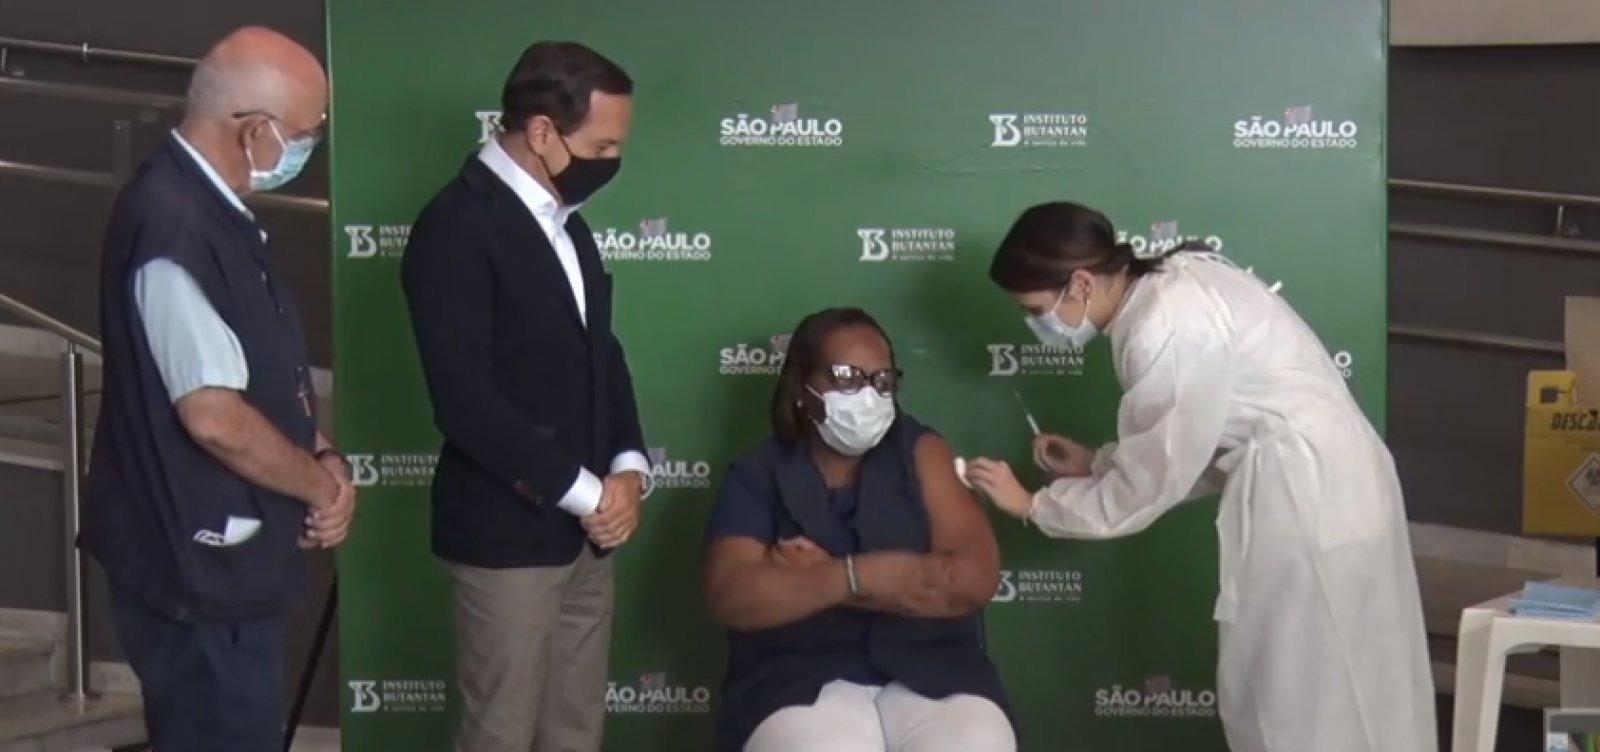 [Primeira vacinada contra Covid-19 no Brasil recebe segunda dose em SP ]